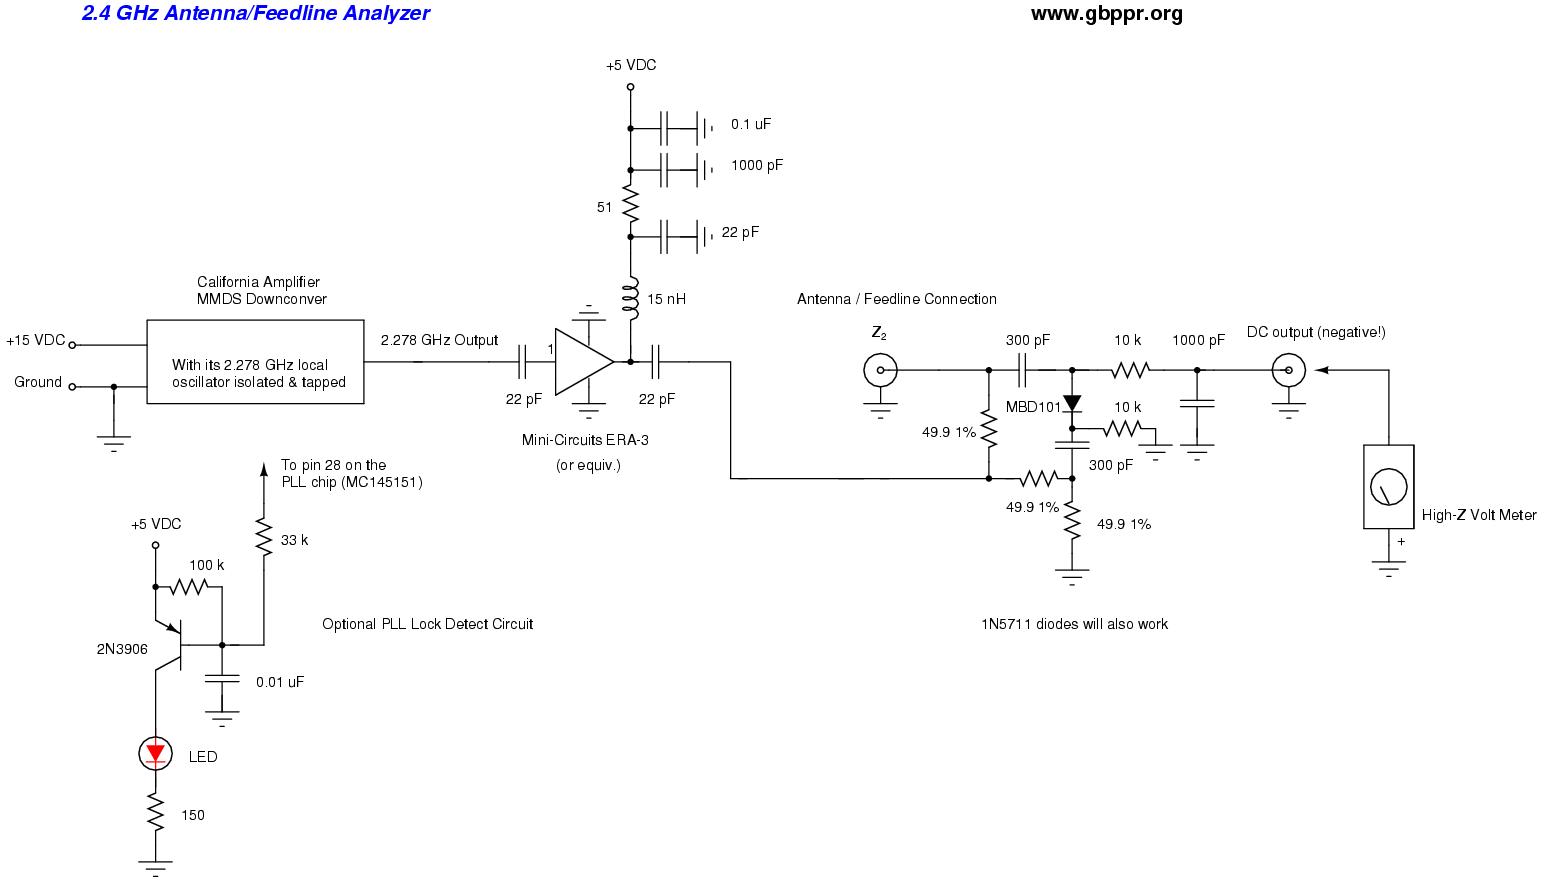 hight resolution of 2 4 ghz antenna feedline analyzer schematic